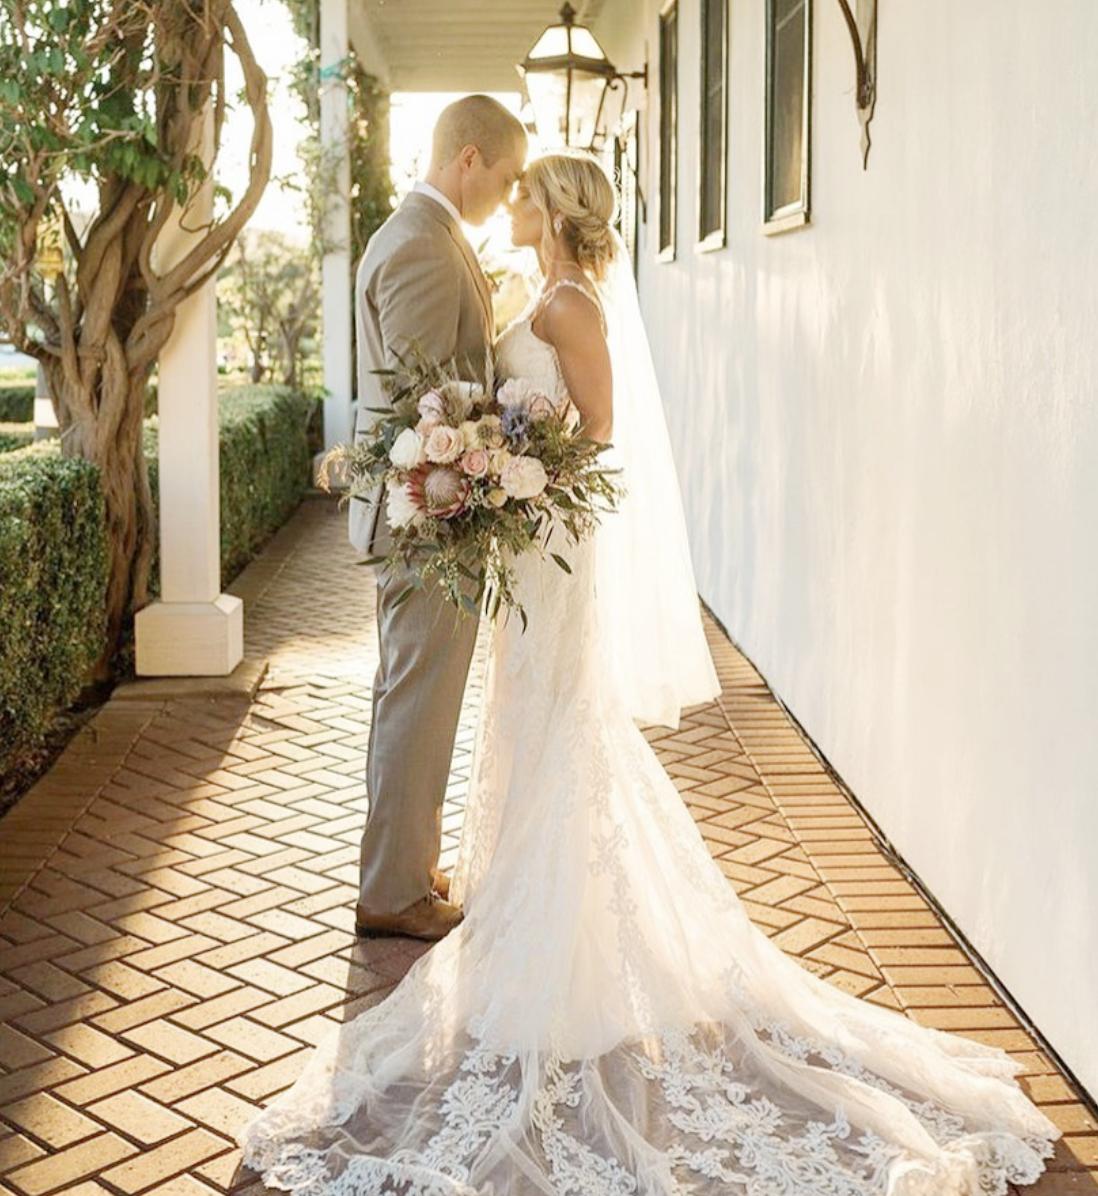 Organic Wedding Bouquet in Soft Neutrals